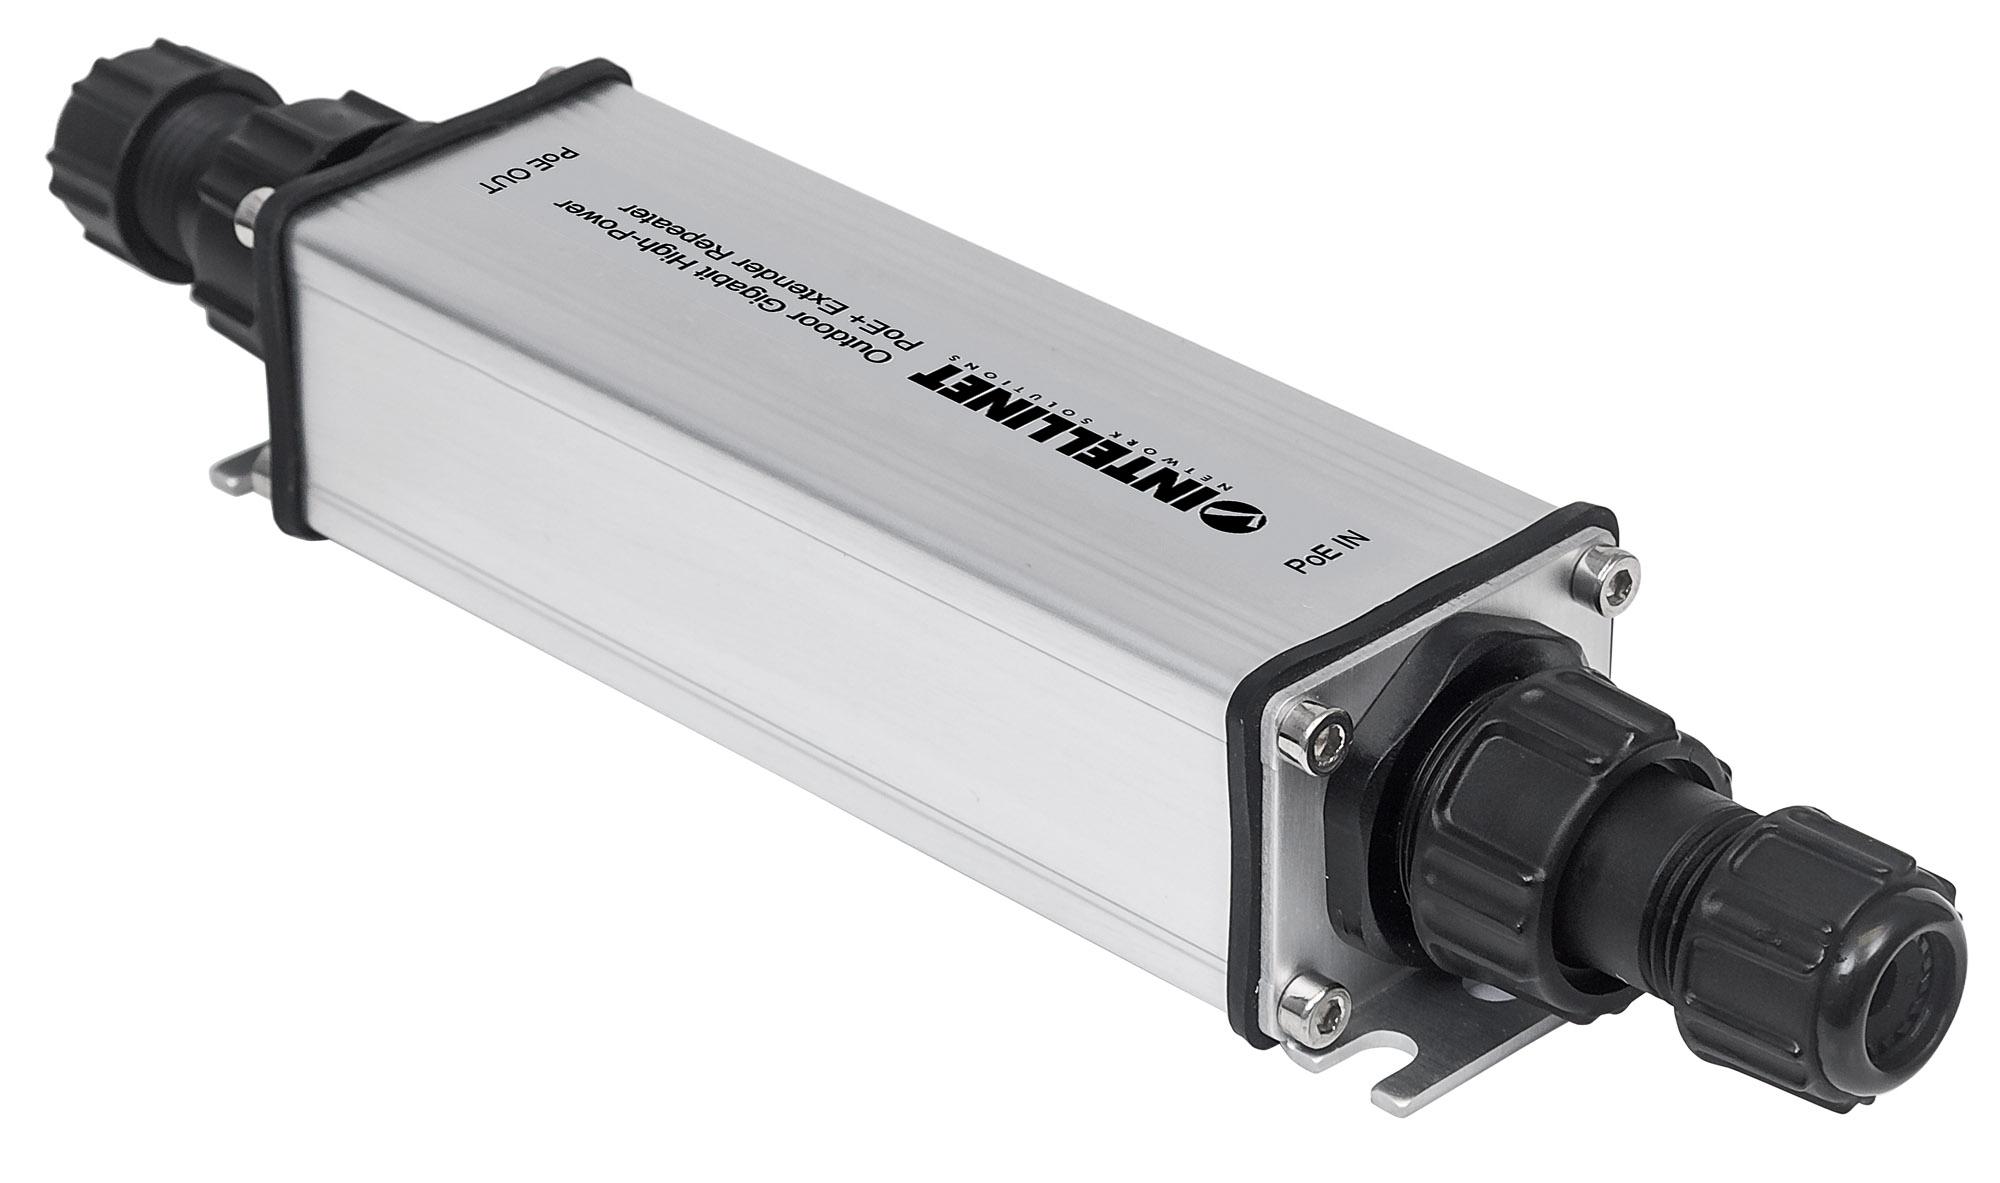 Outdoor Gigabit High-Power PoE+ Extender Repeater